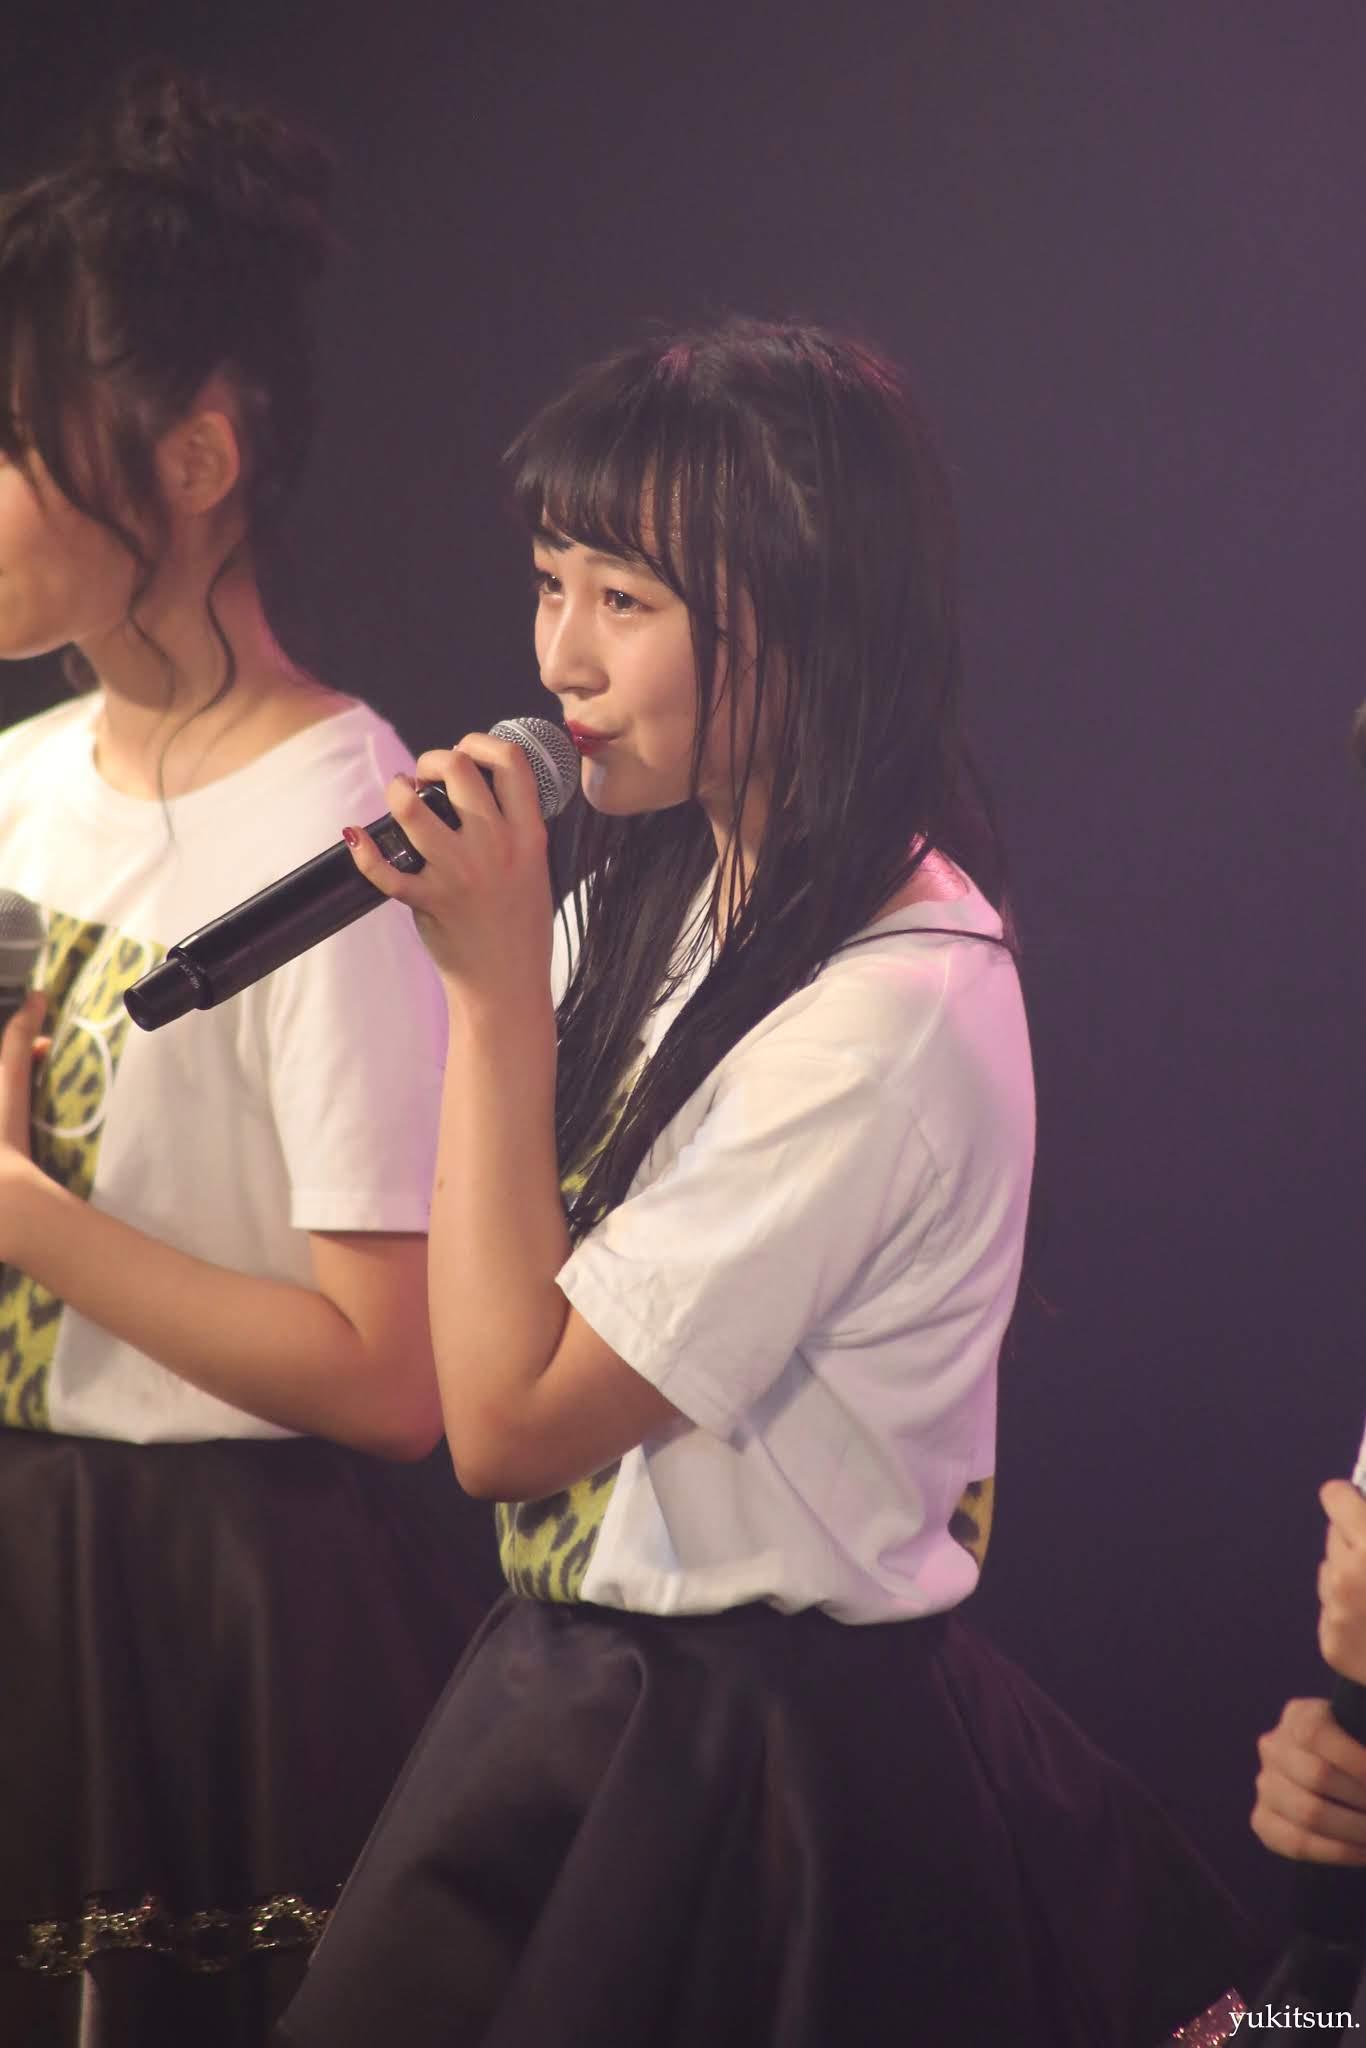 shinjidai-28